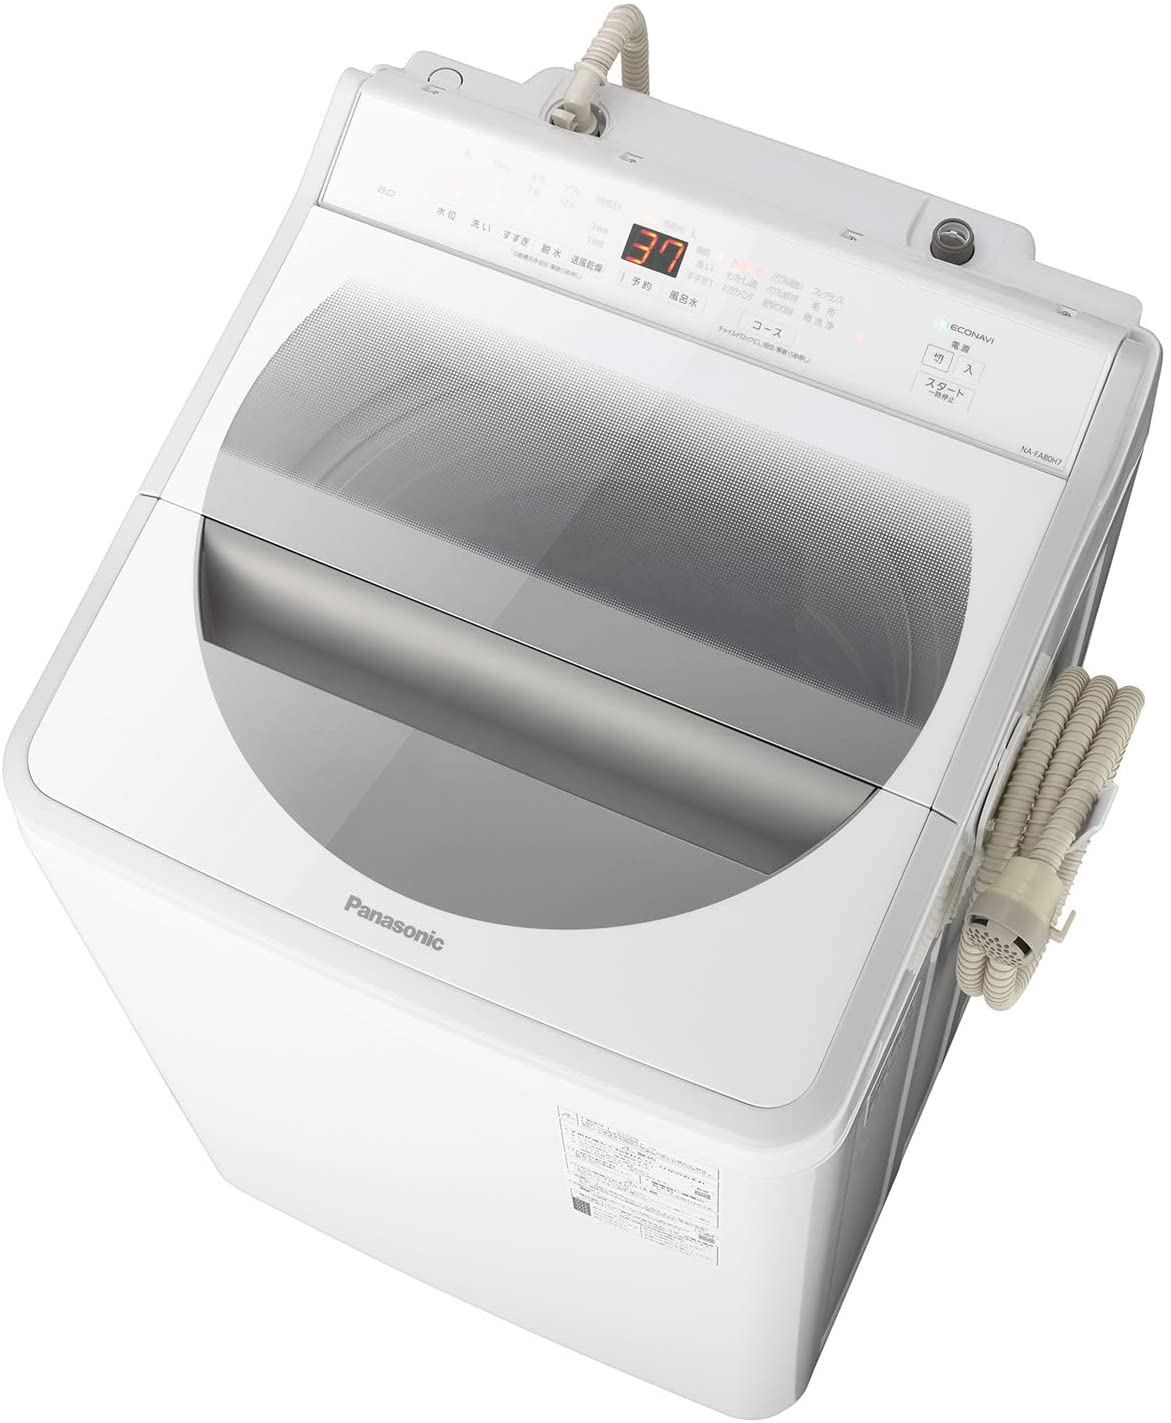 乾燥 洗濯 型 機 縦 AW